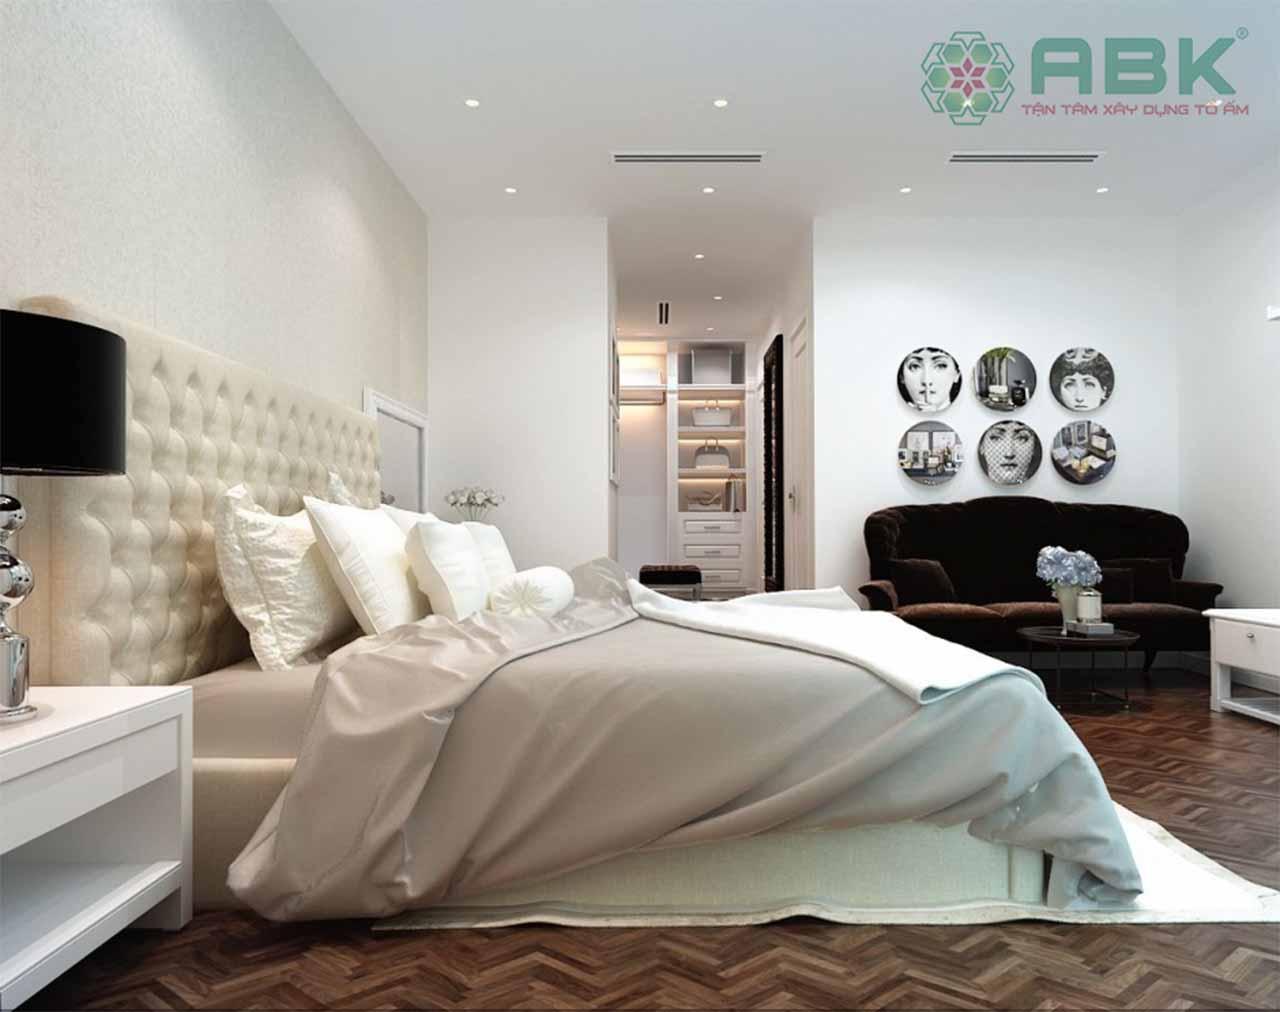 Lựa chọn mẫu thiết kế nội thất chung cư hai phòng ngủ